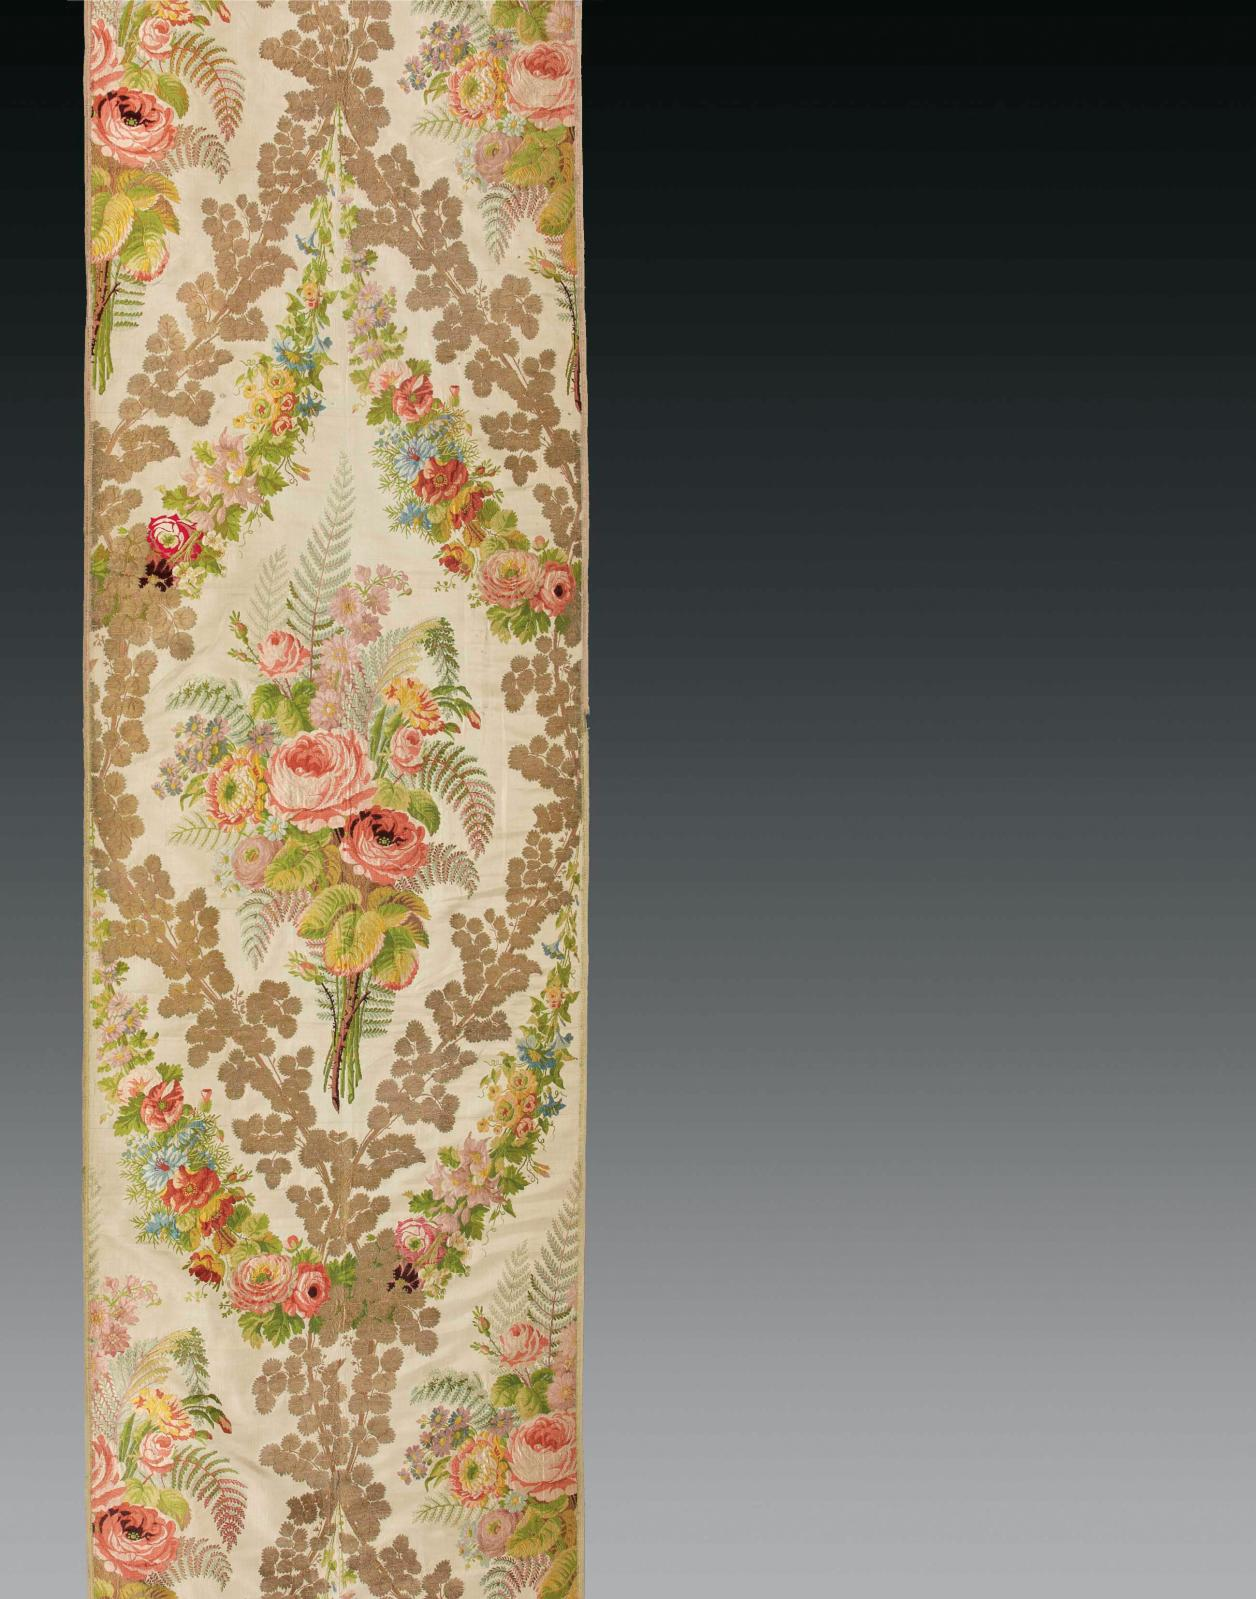 Camille Pernon (1753-1808). Tenture du meuble d'été de la chambre de LouisXVI à Versailles, lampas fond gros de Tours blanc, broché de fleurs en soie